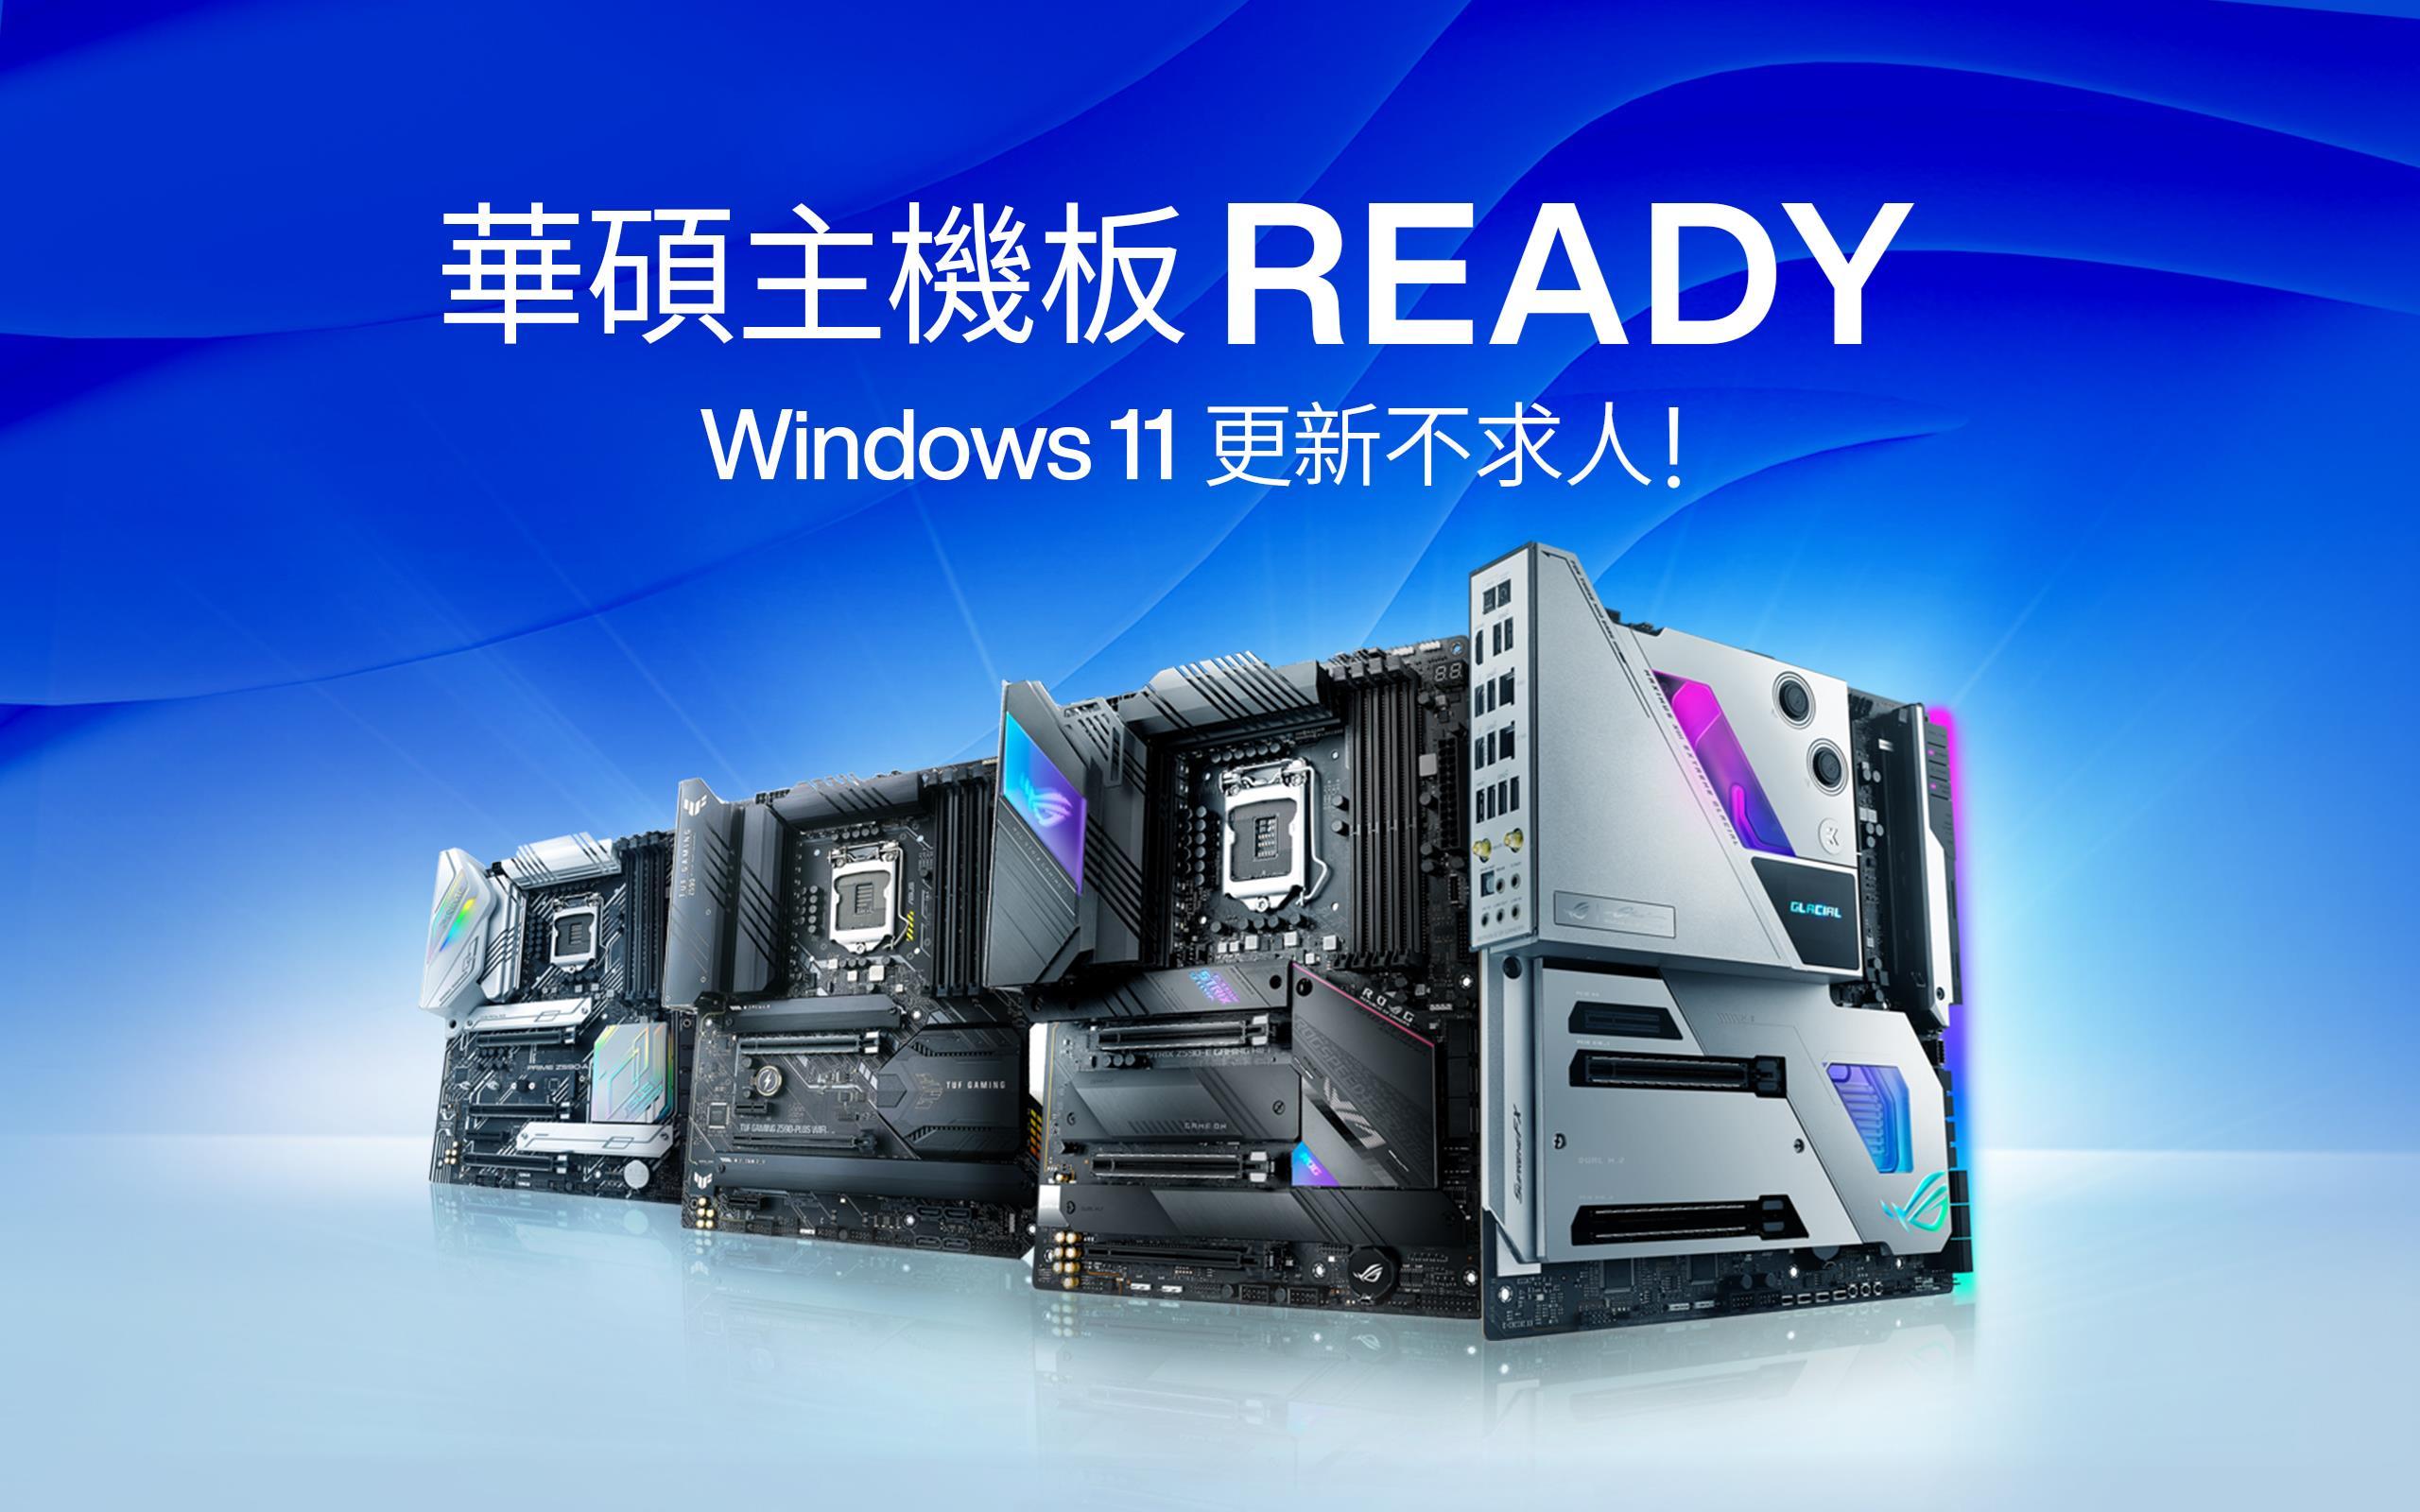 Windows 11 READY!